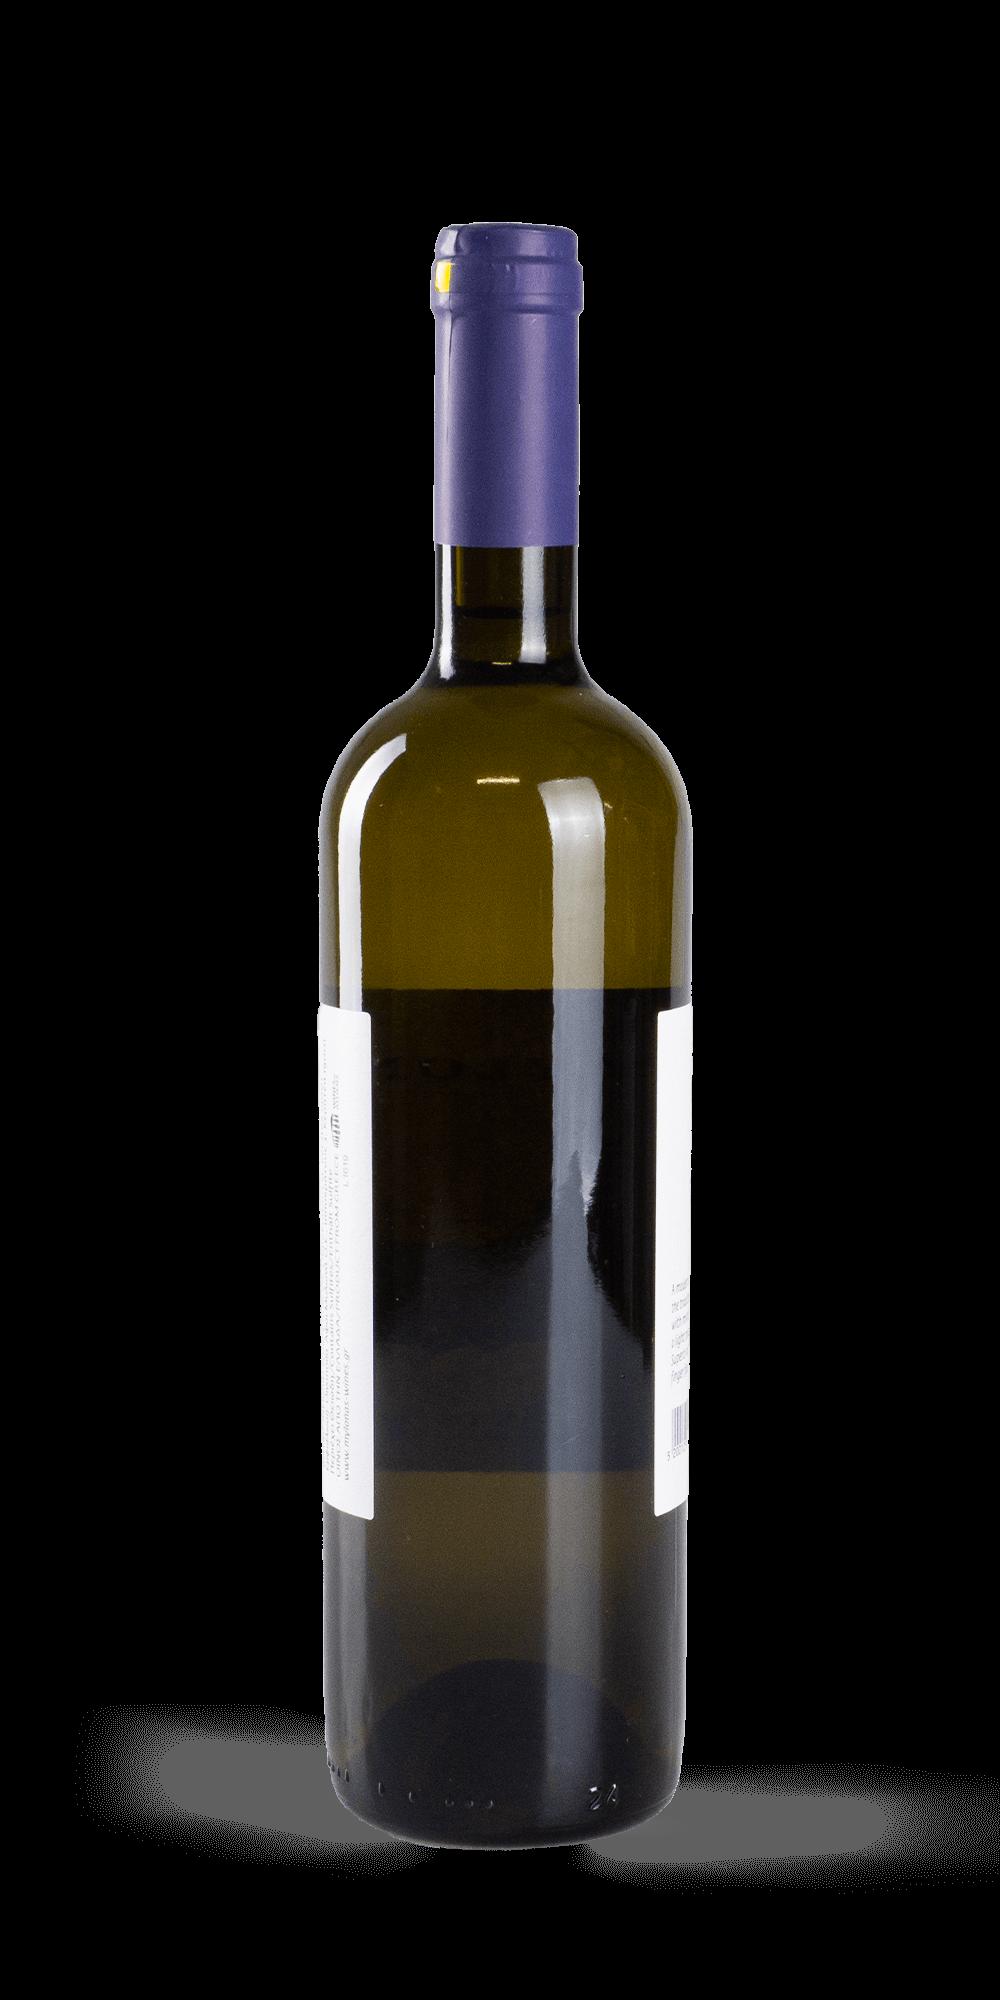 Retsina 2019 (Mylonas Winery)